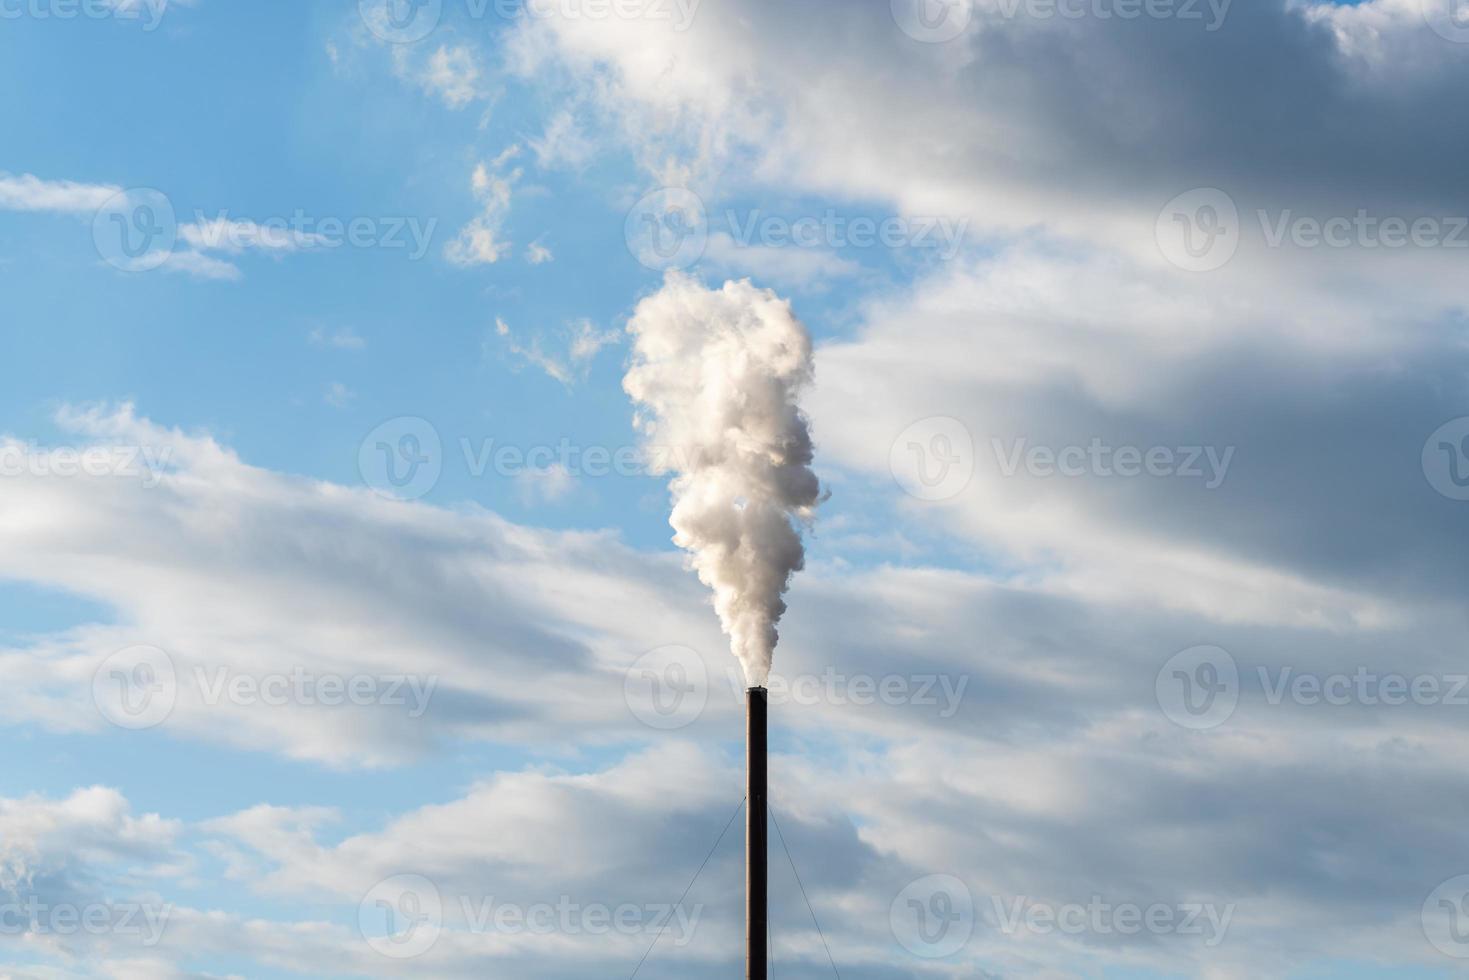 ciminiera in alto nell'aria che inquina l'atmosfera foto